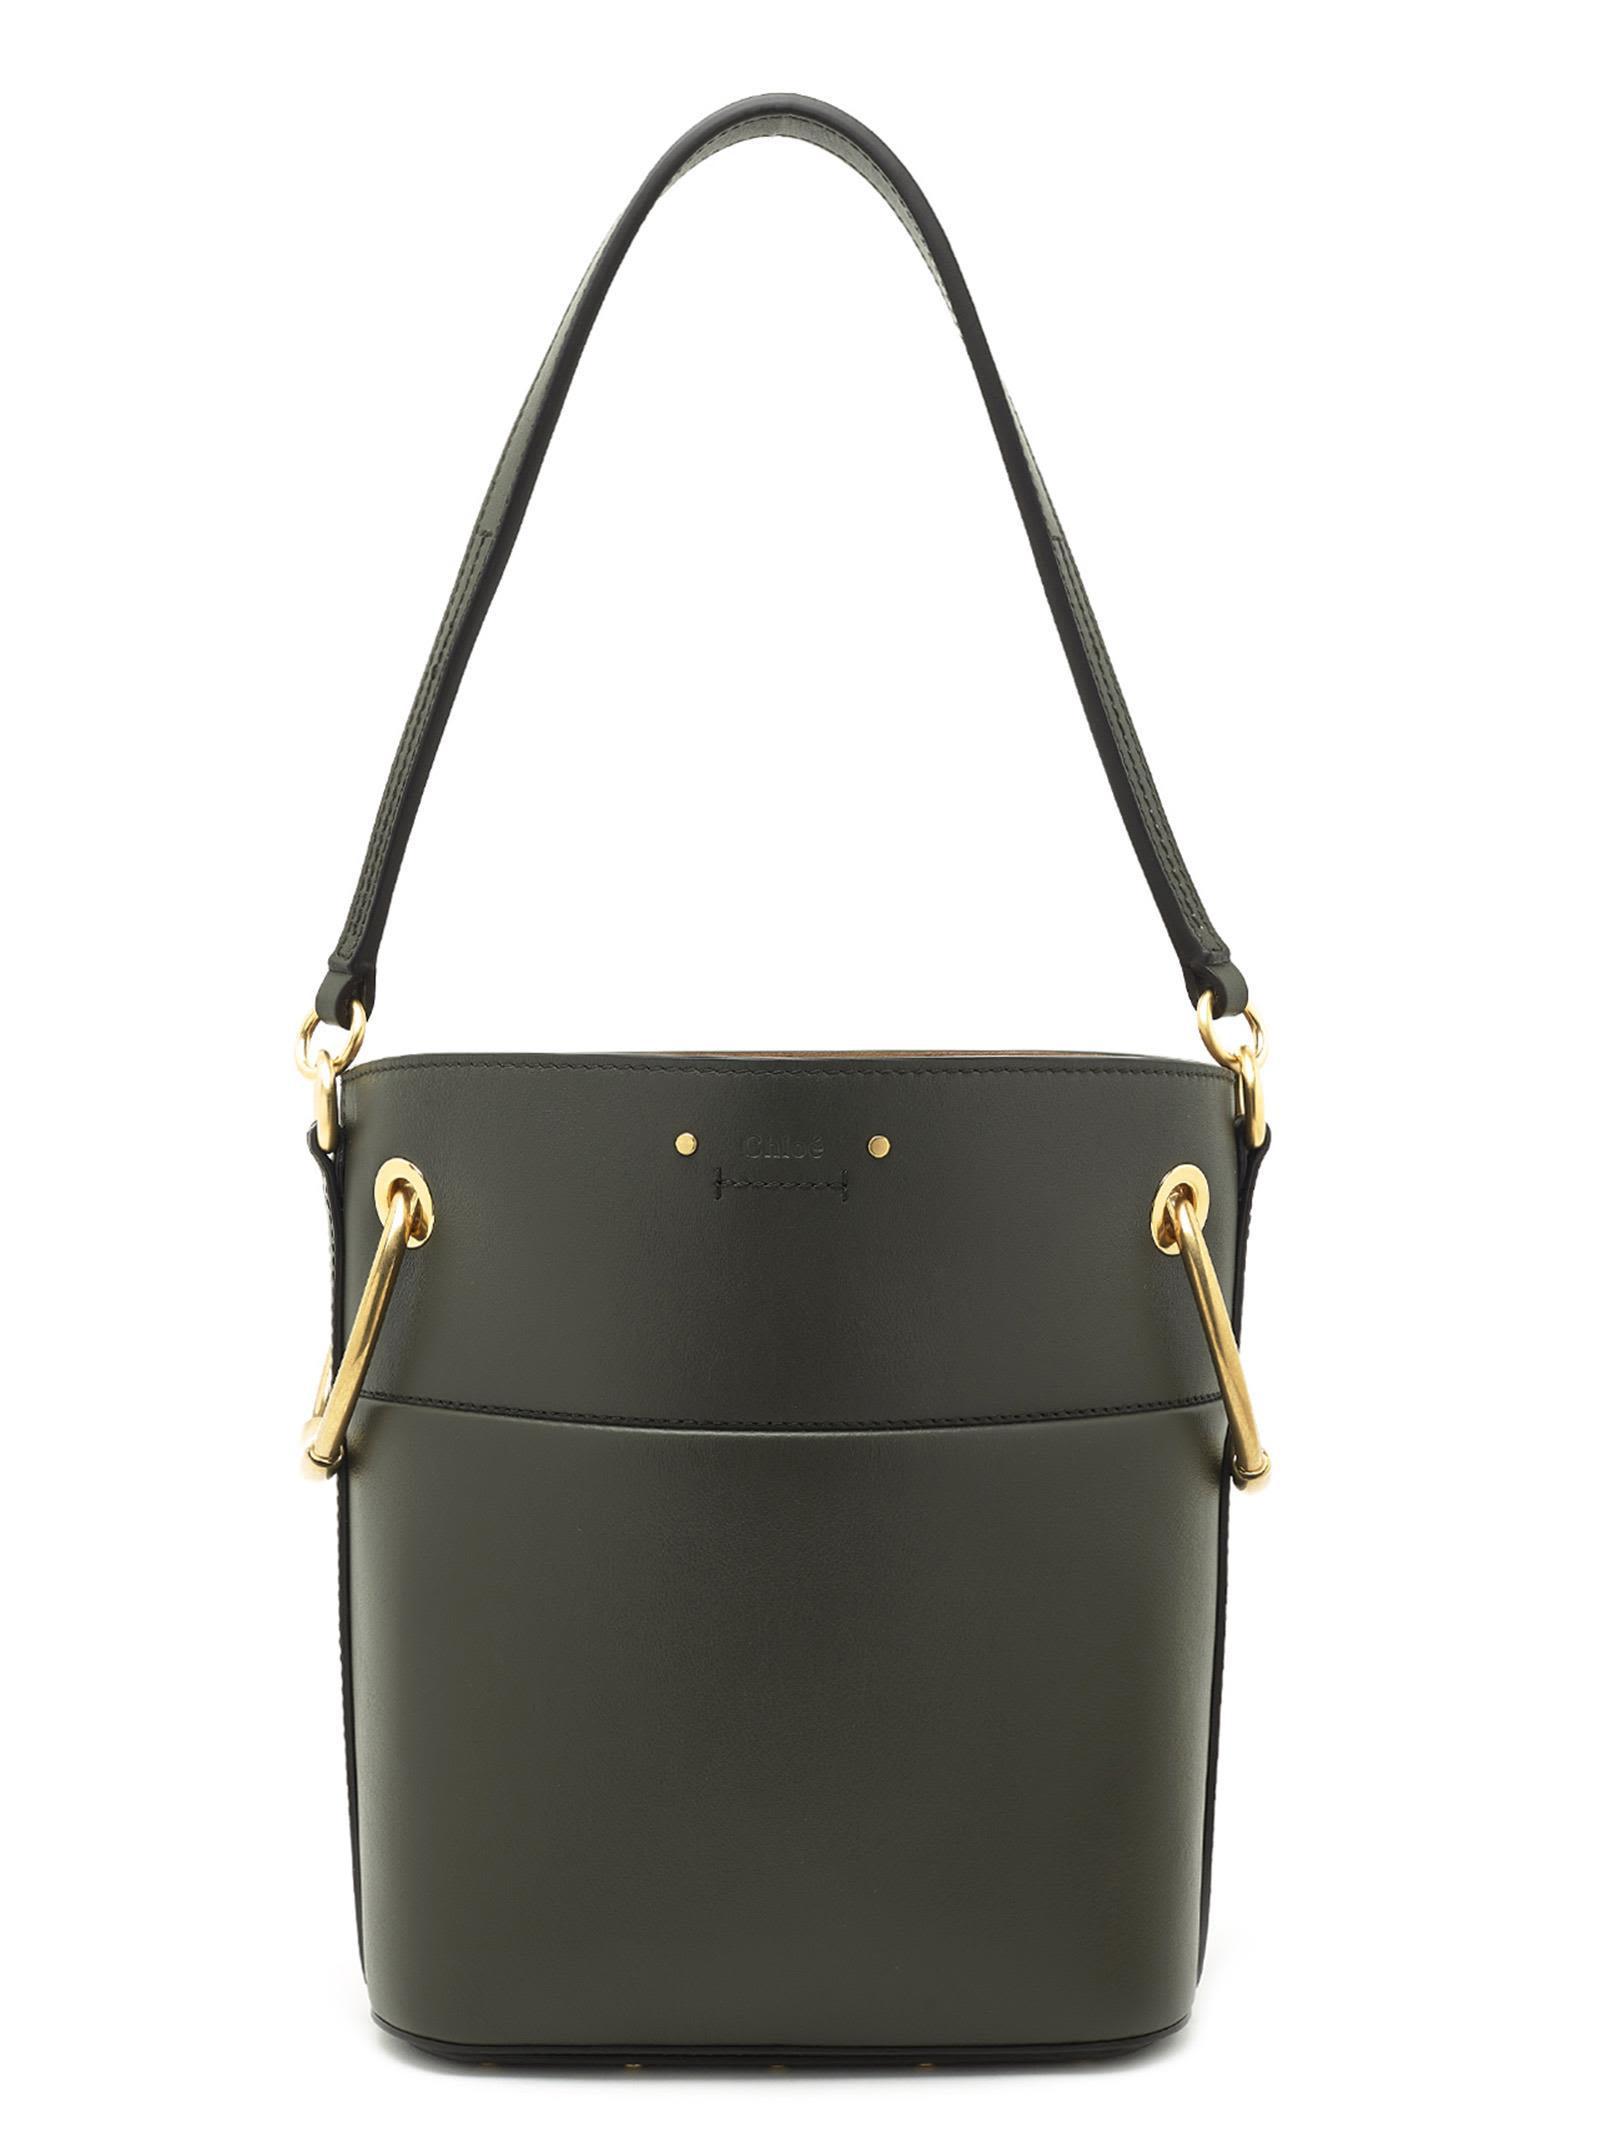 ChloÉ 'roy' Bag In Green